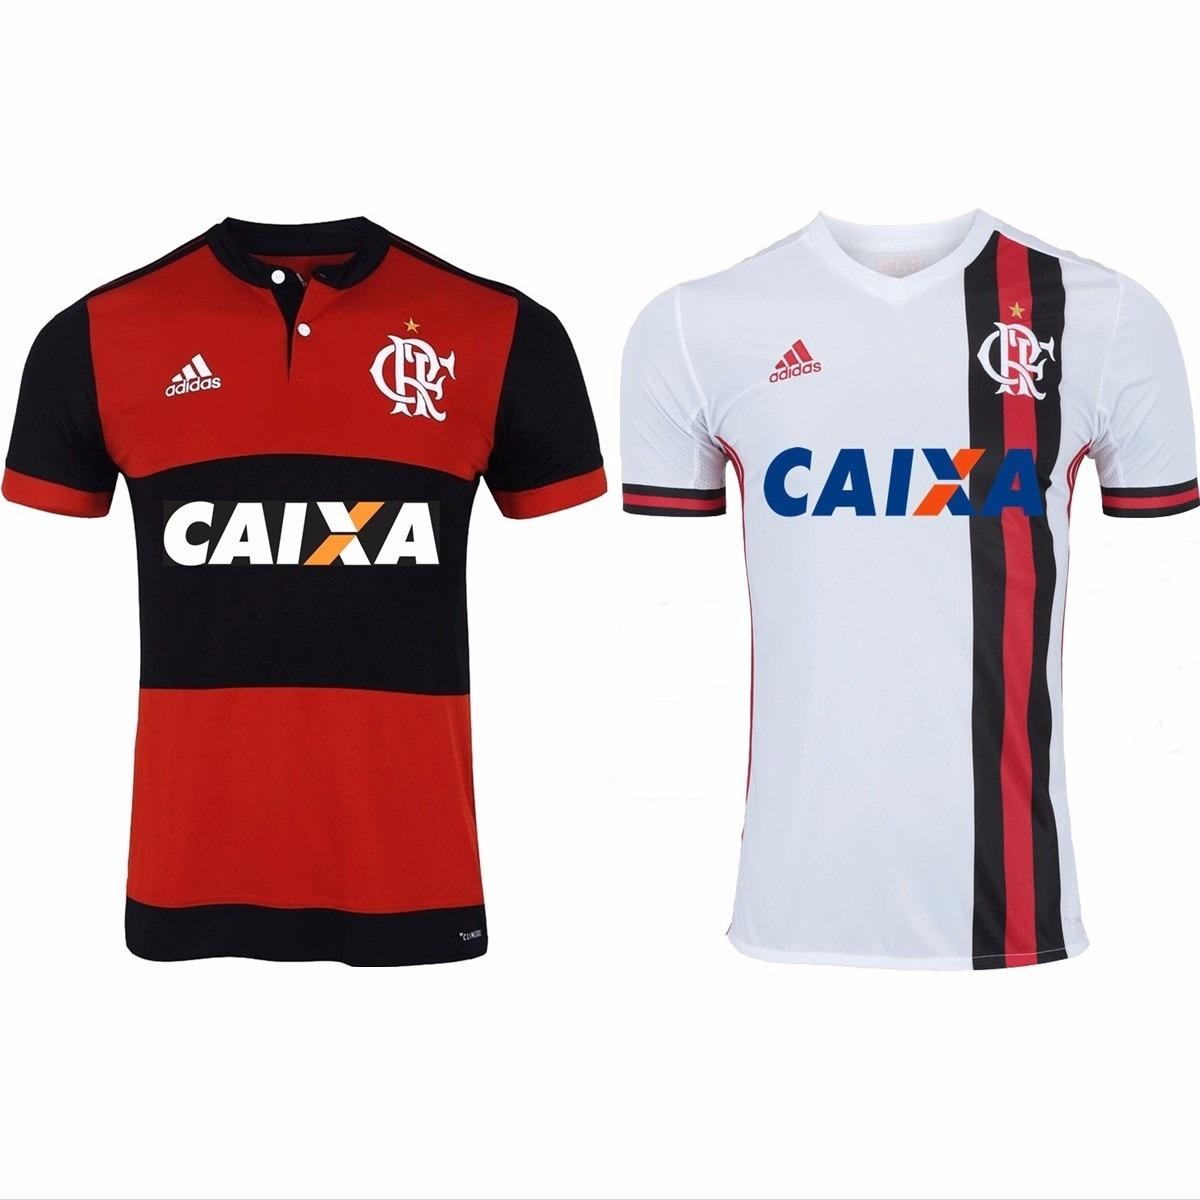 108fab1e54 2 Camisas Do Flamengo 2018 Uniforme 1 E 2 Promoção F Gratis - R$ 187 ...